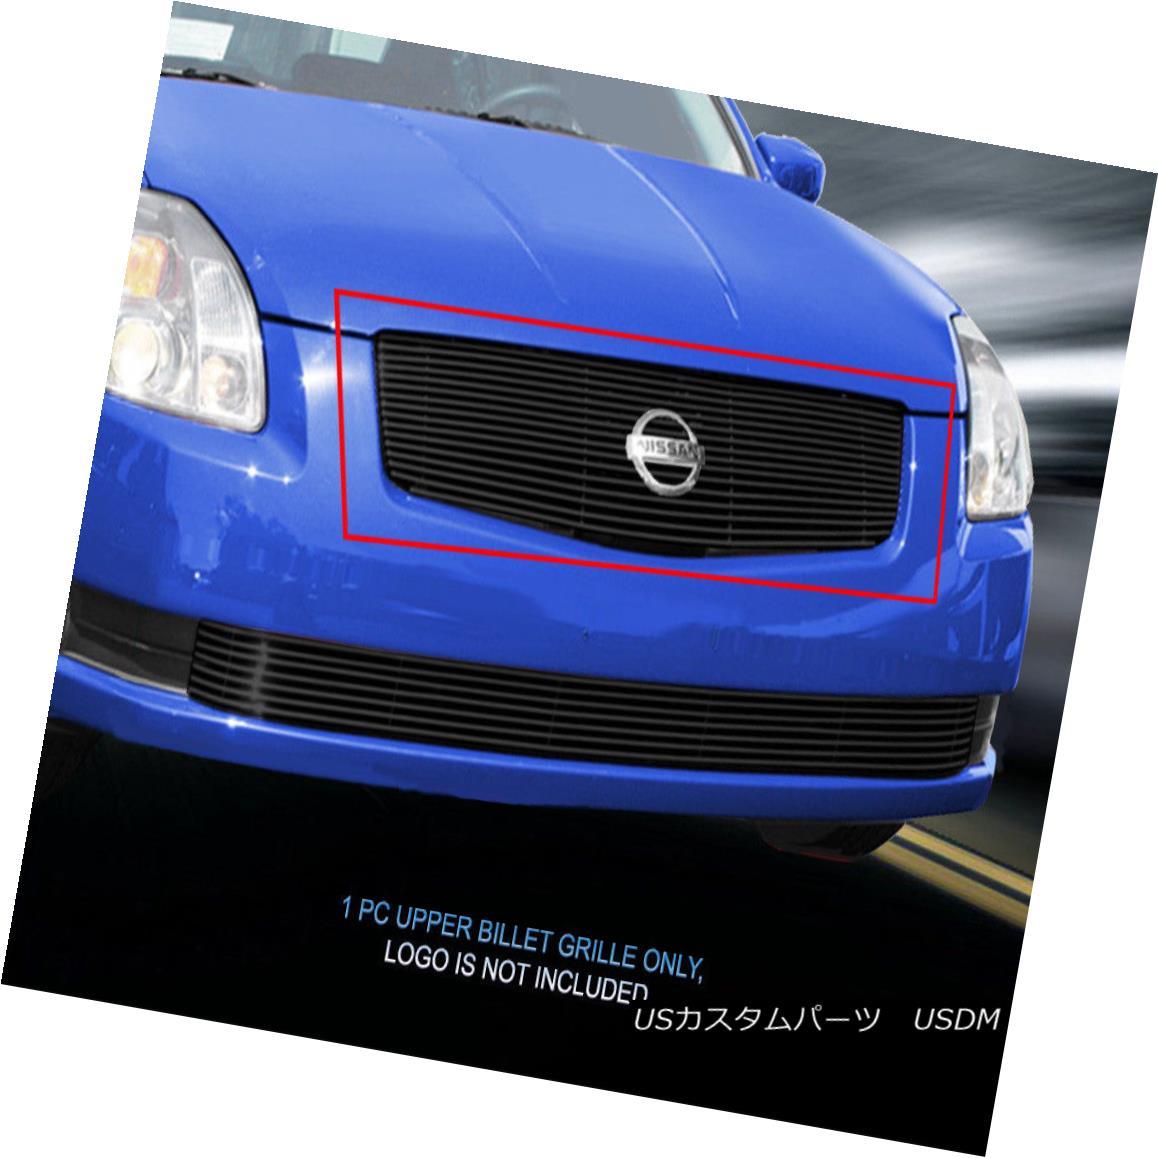 グリル Fits 04-06 Nissan Sentra Black Billet Grille Upper Grill Insert Fedar フィット04-06日産セントラブラックビレットグリルアッパーグリルインサートフェルダ